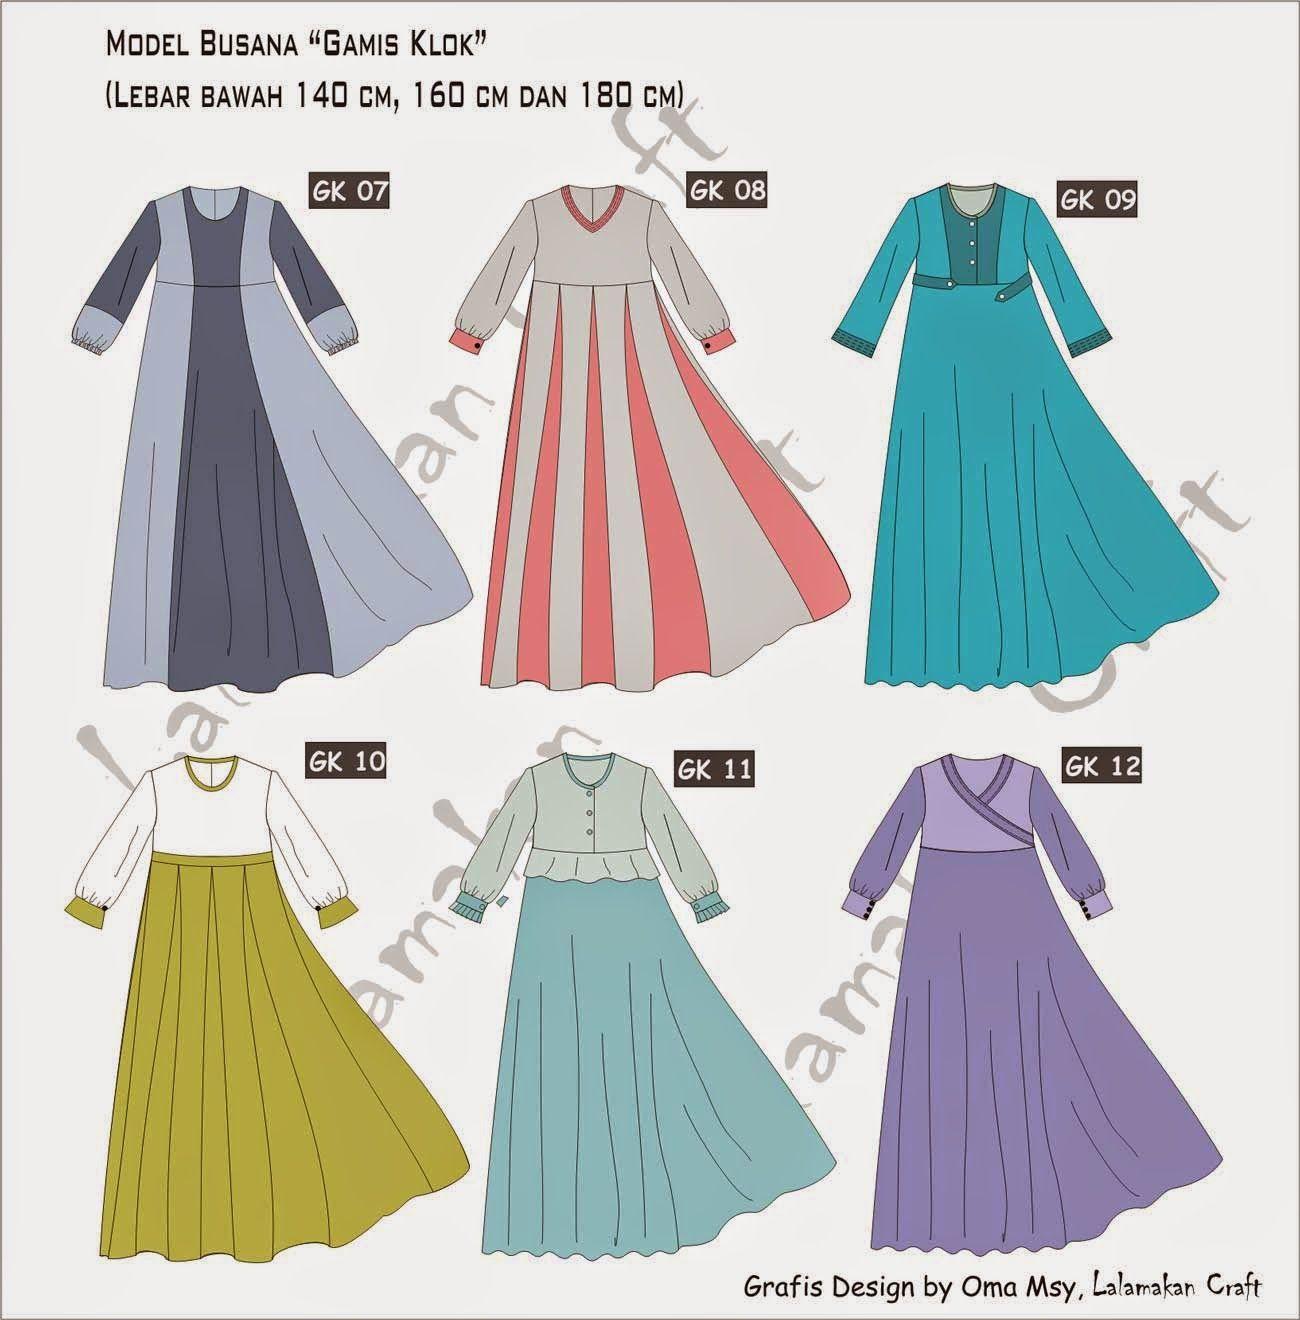 Pesan Pola Busana  Baju model lama, Model pakaian, Sketsa model